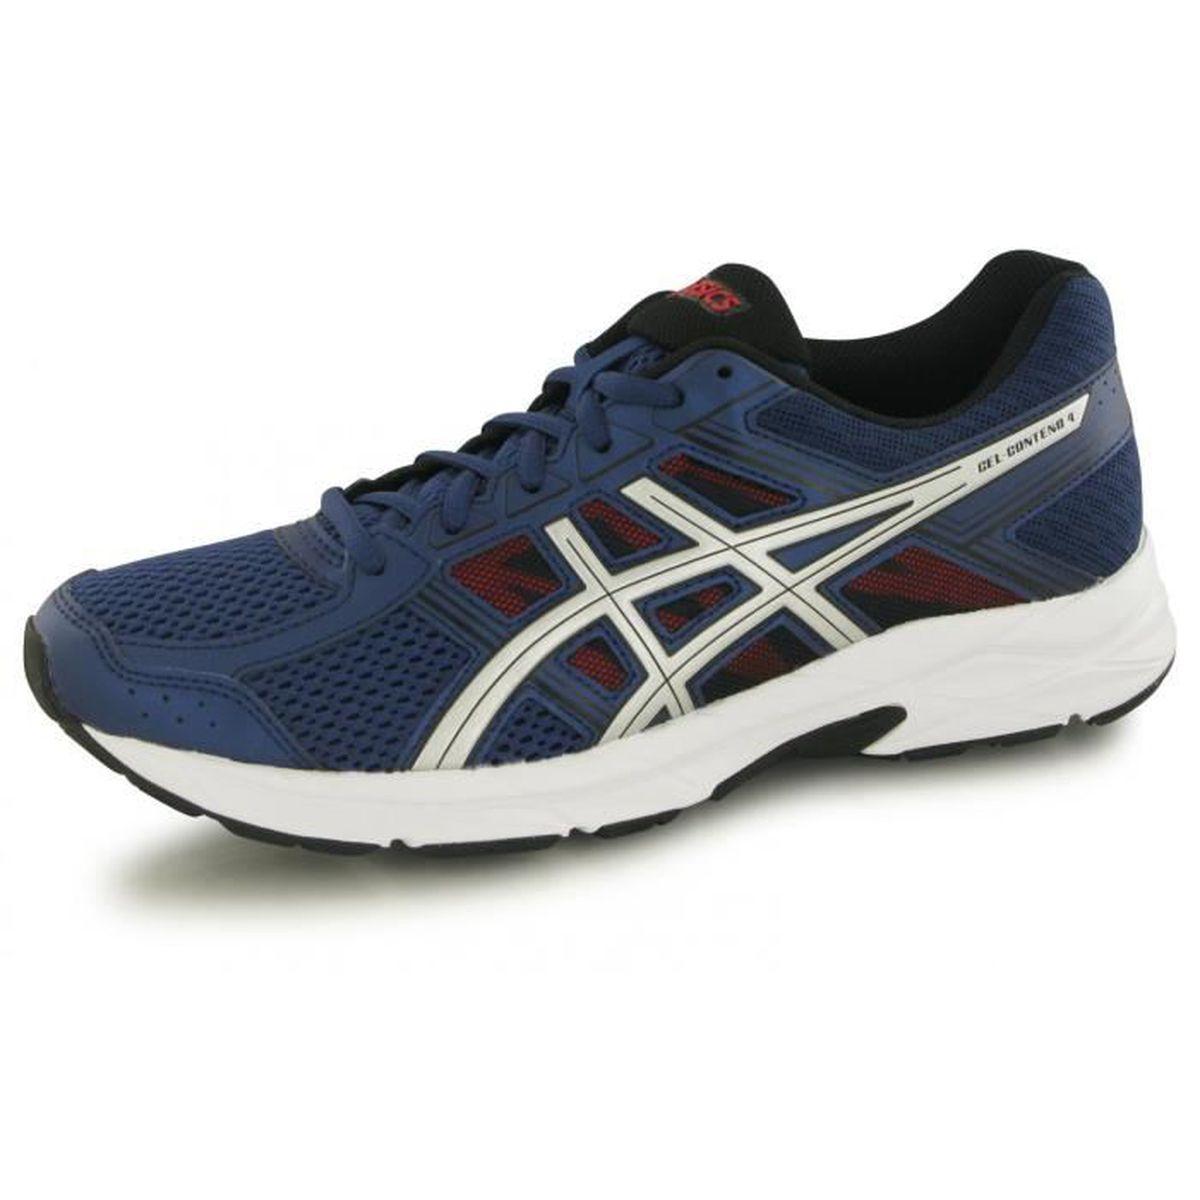 Chaussures de running Asics Gel Contend 4 Prix pas cher